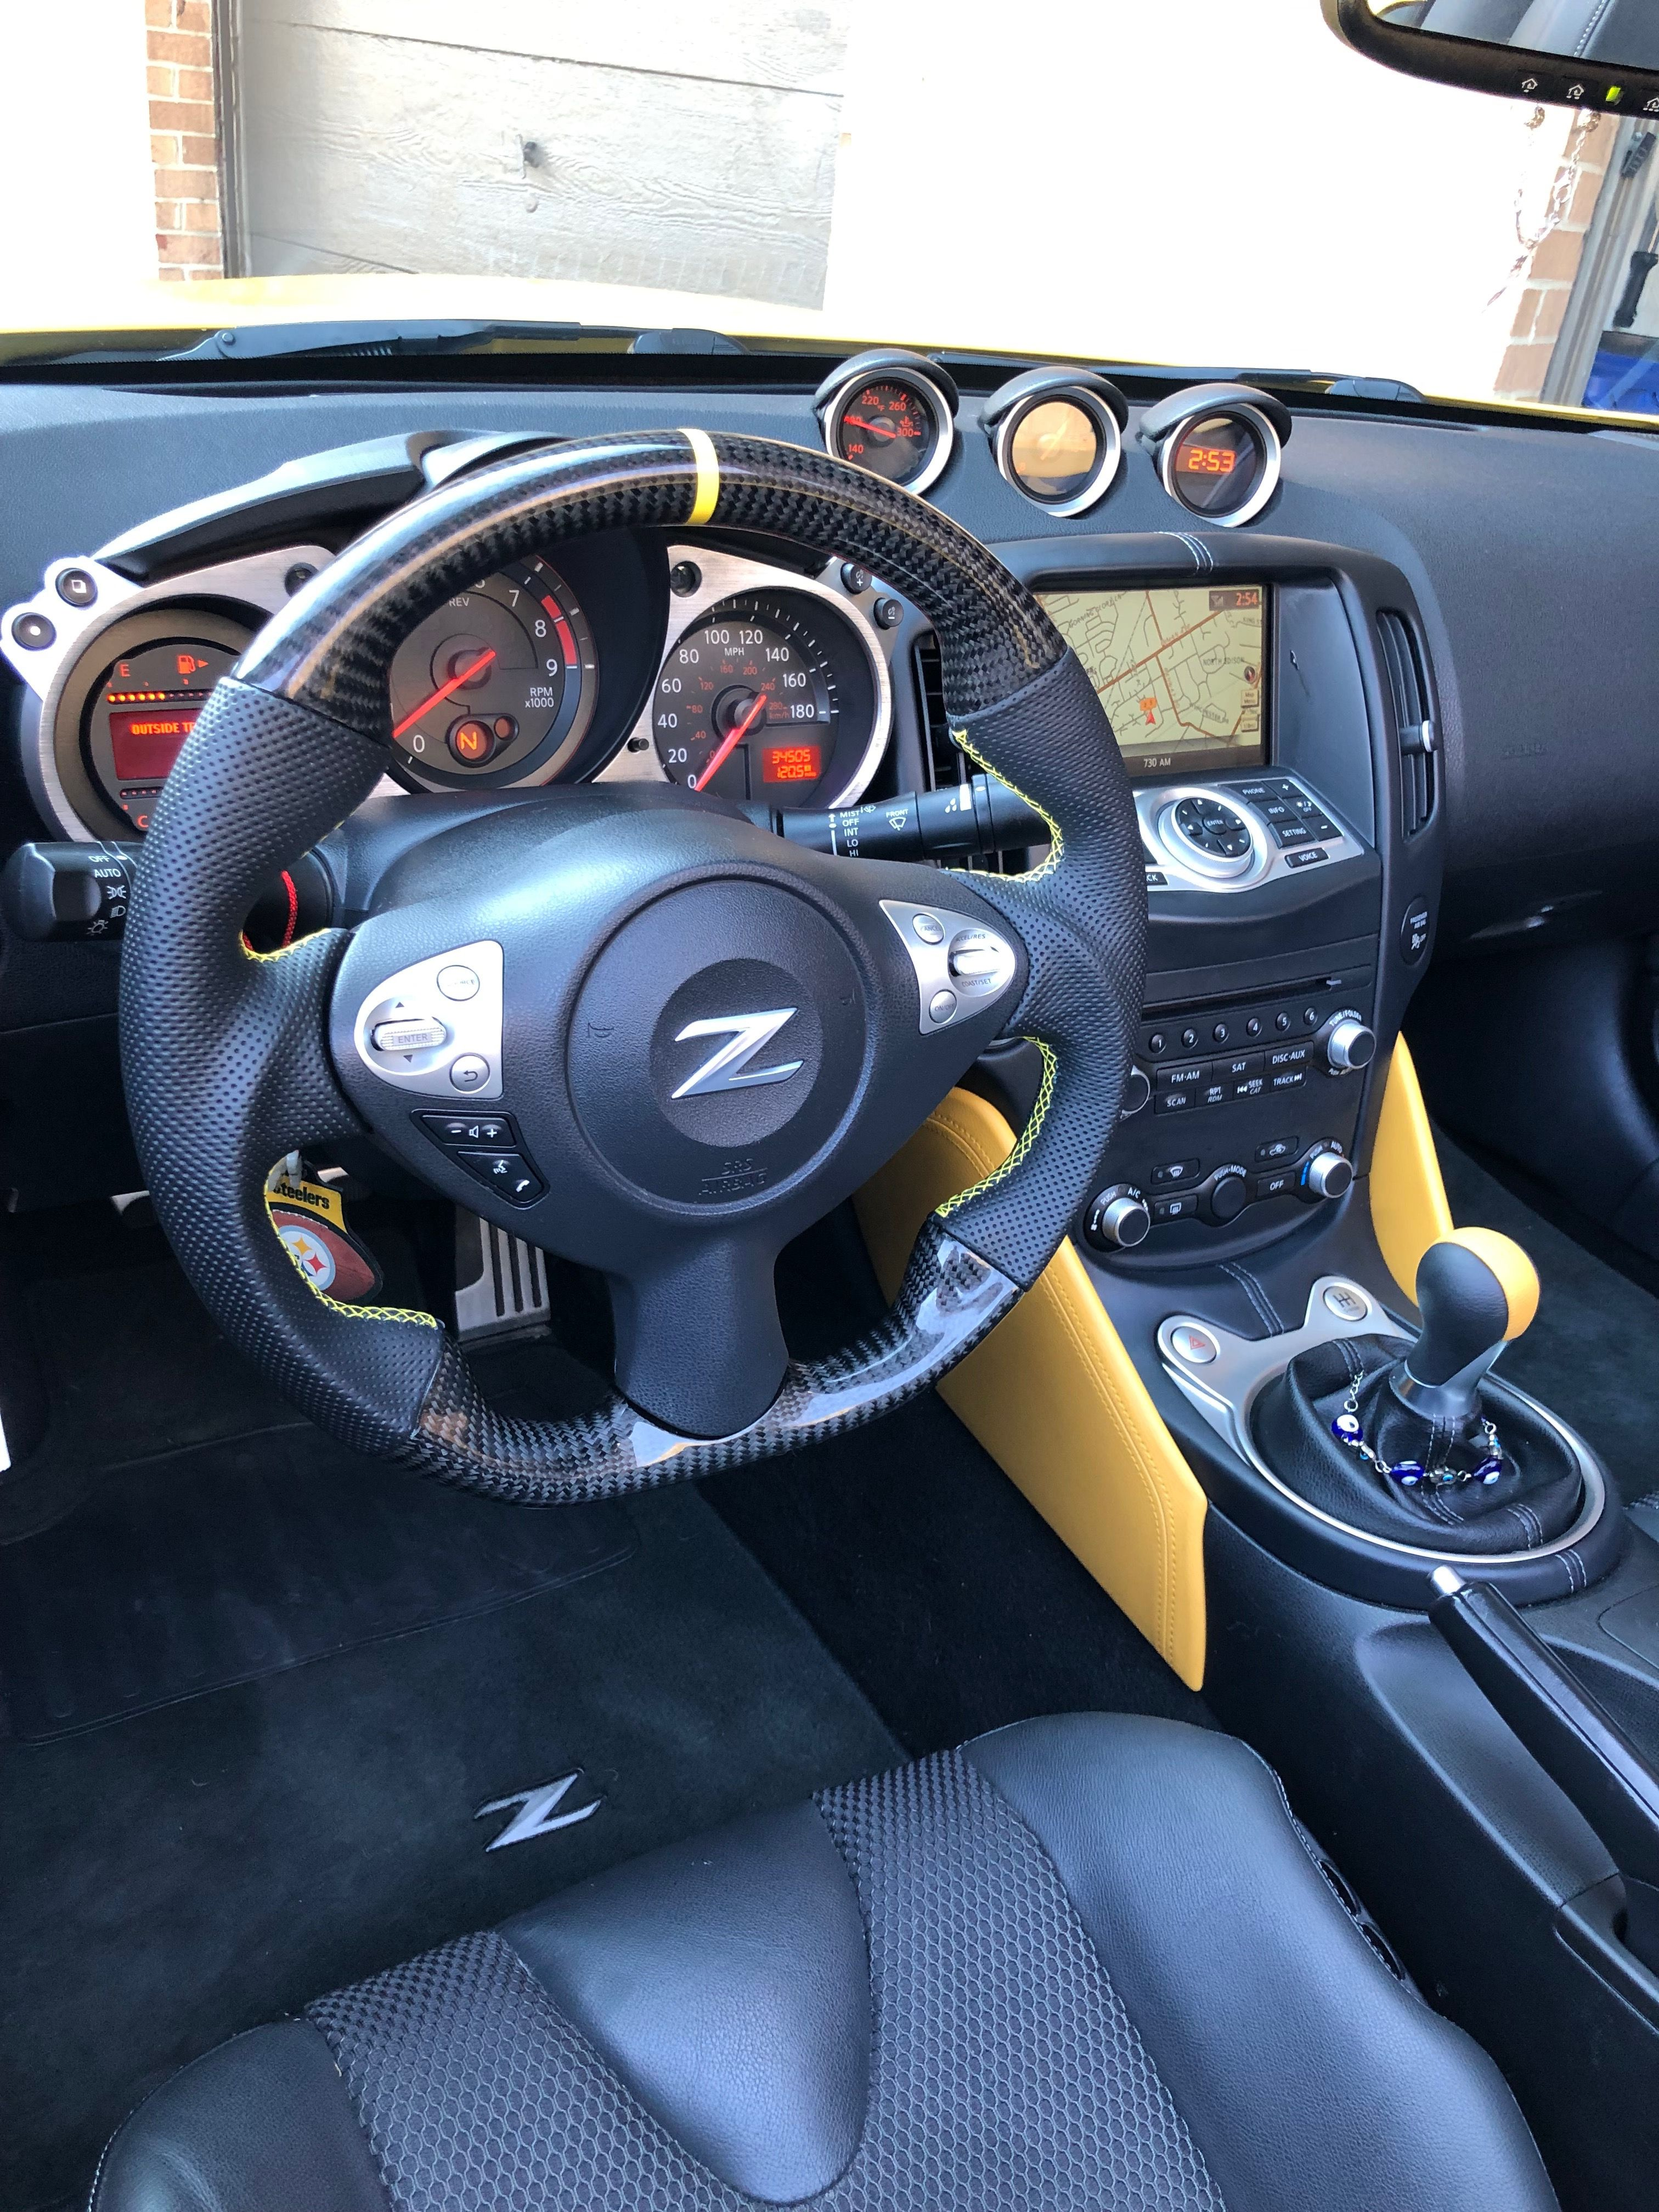 carbon fiber steering wheel steering wheel carbon fiber wheel carbon fiber steering wheel steering